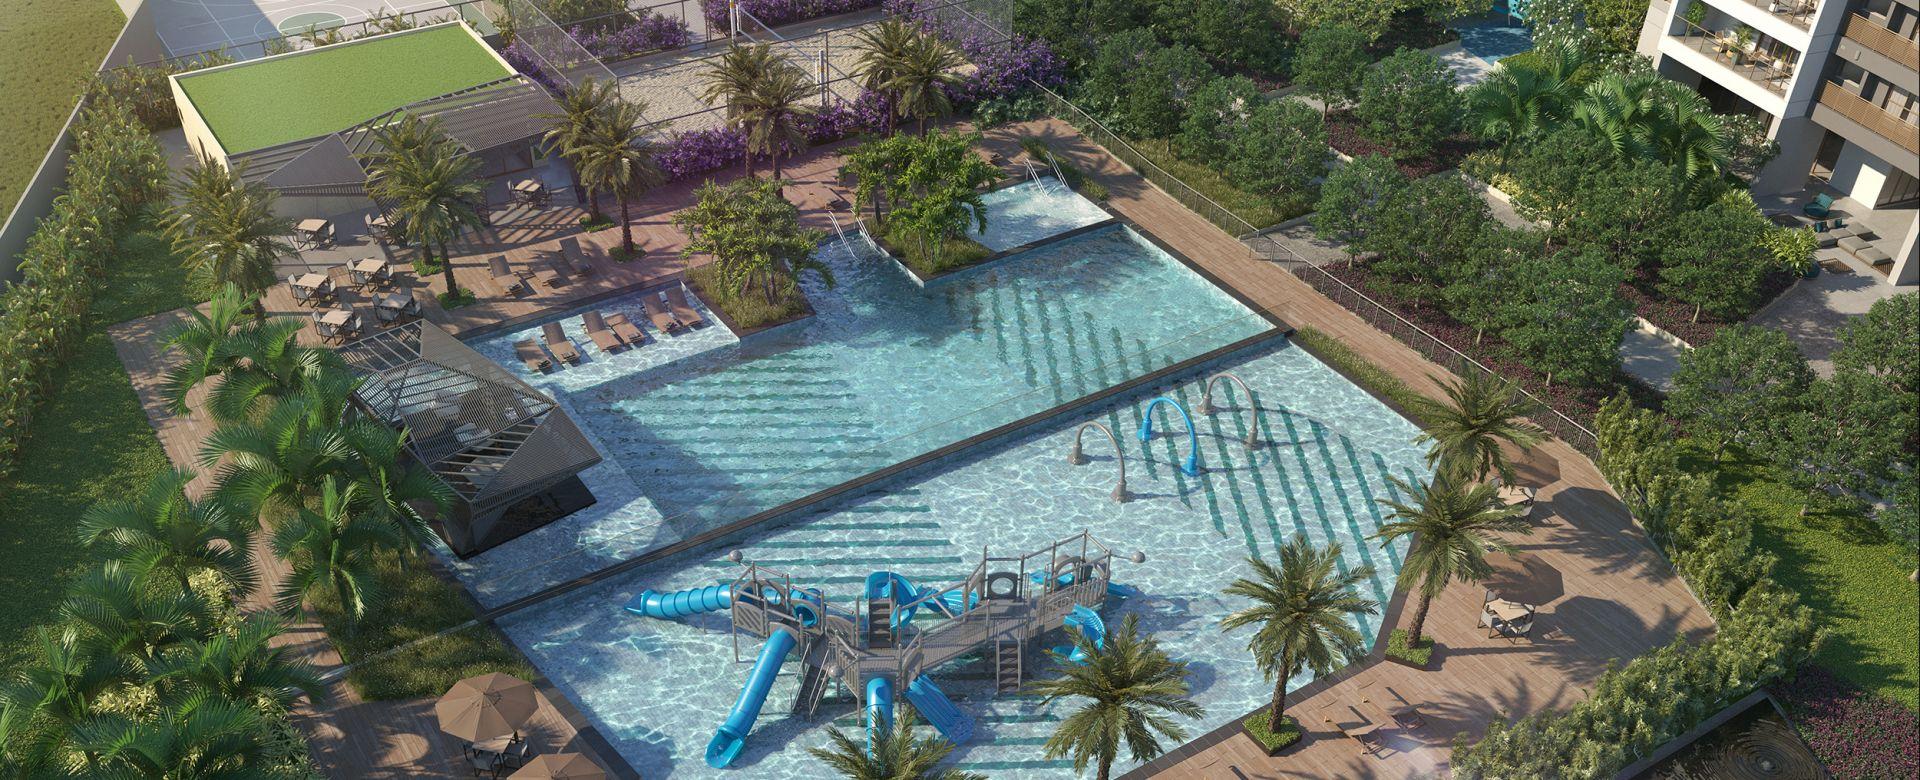 Latitud Condominium Design - North e East, foto 1